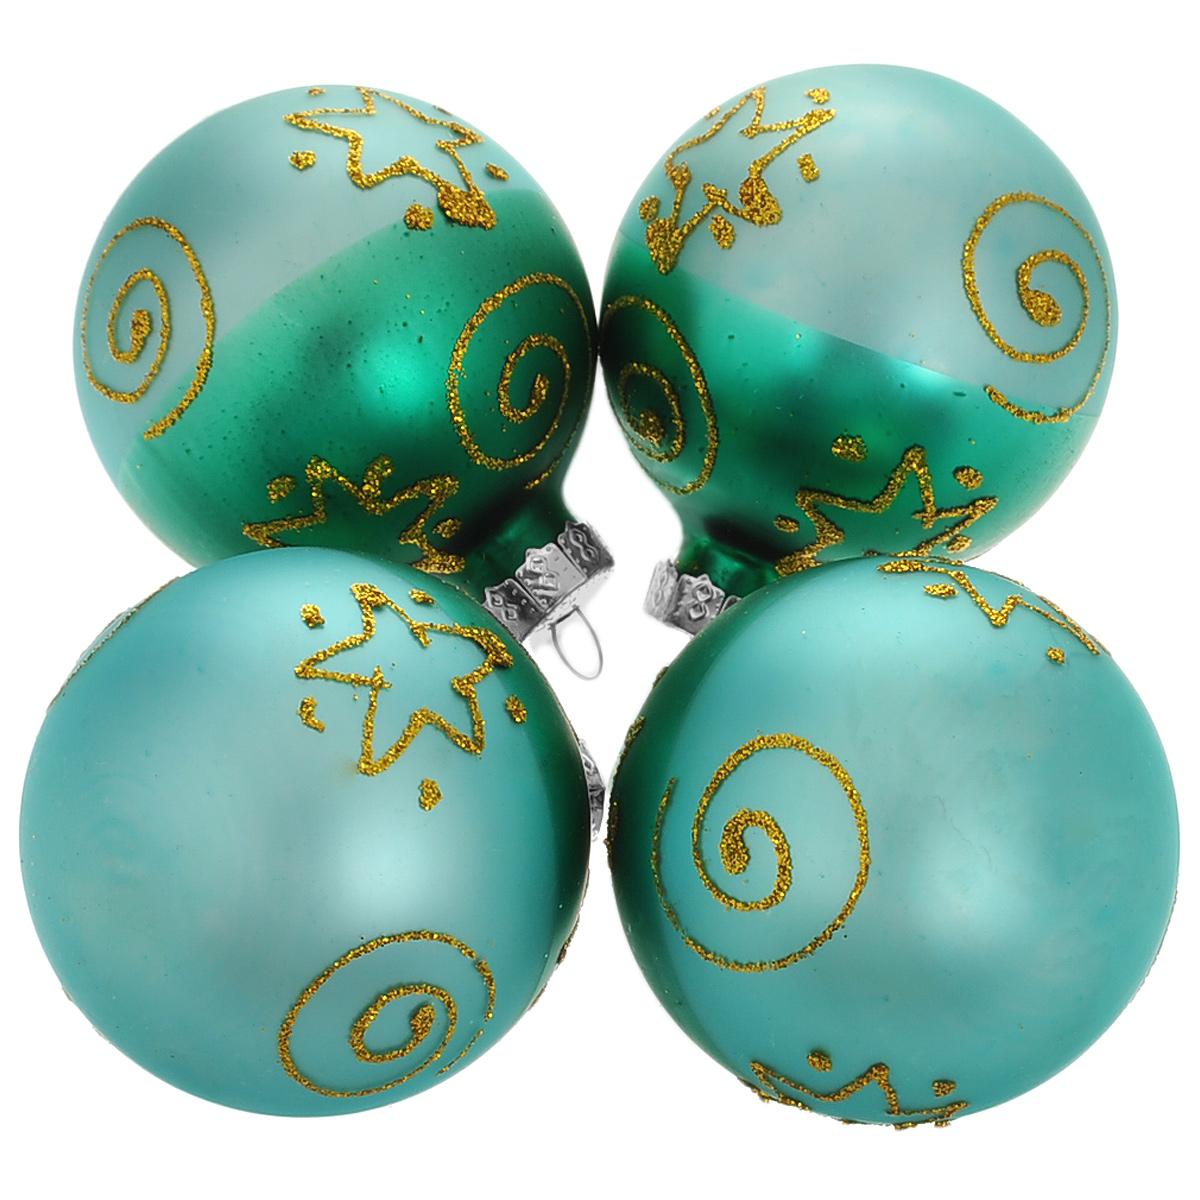 Набор новогодних подвесных украшений Шар, цвет: зеленый, золотистый, диаметр 6 см, 4 шт. 34502 набор новогодних подвесных украшений феникс презент ассорти цвет красный диаметр 6 см 6 шт